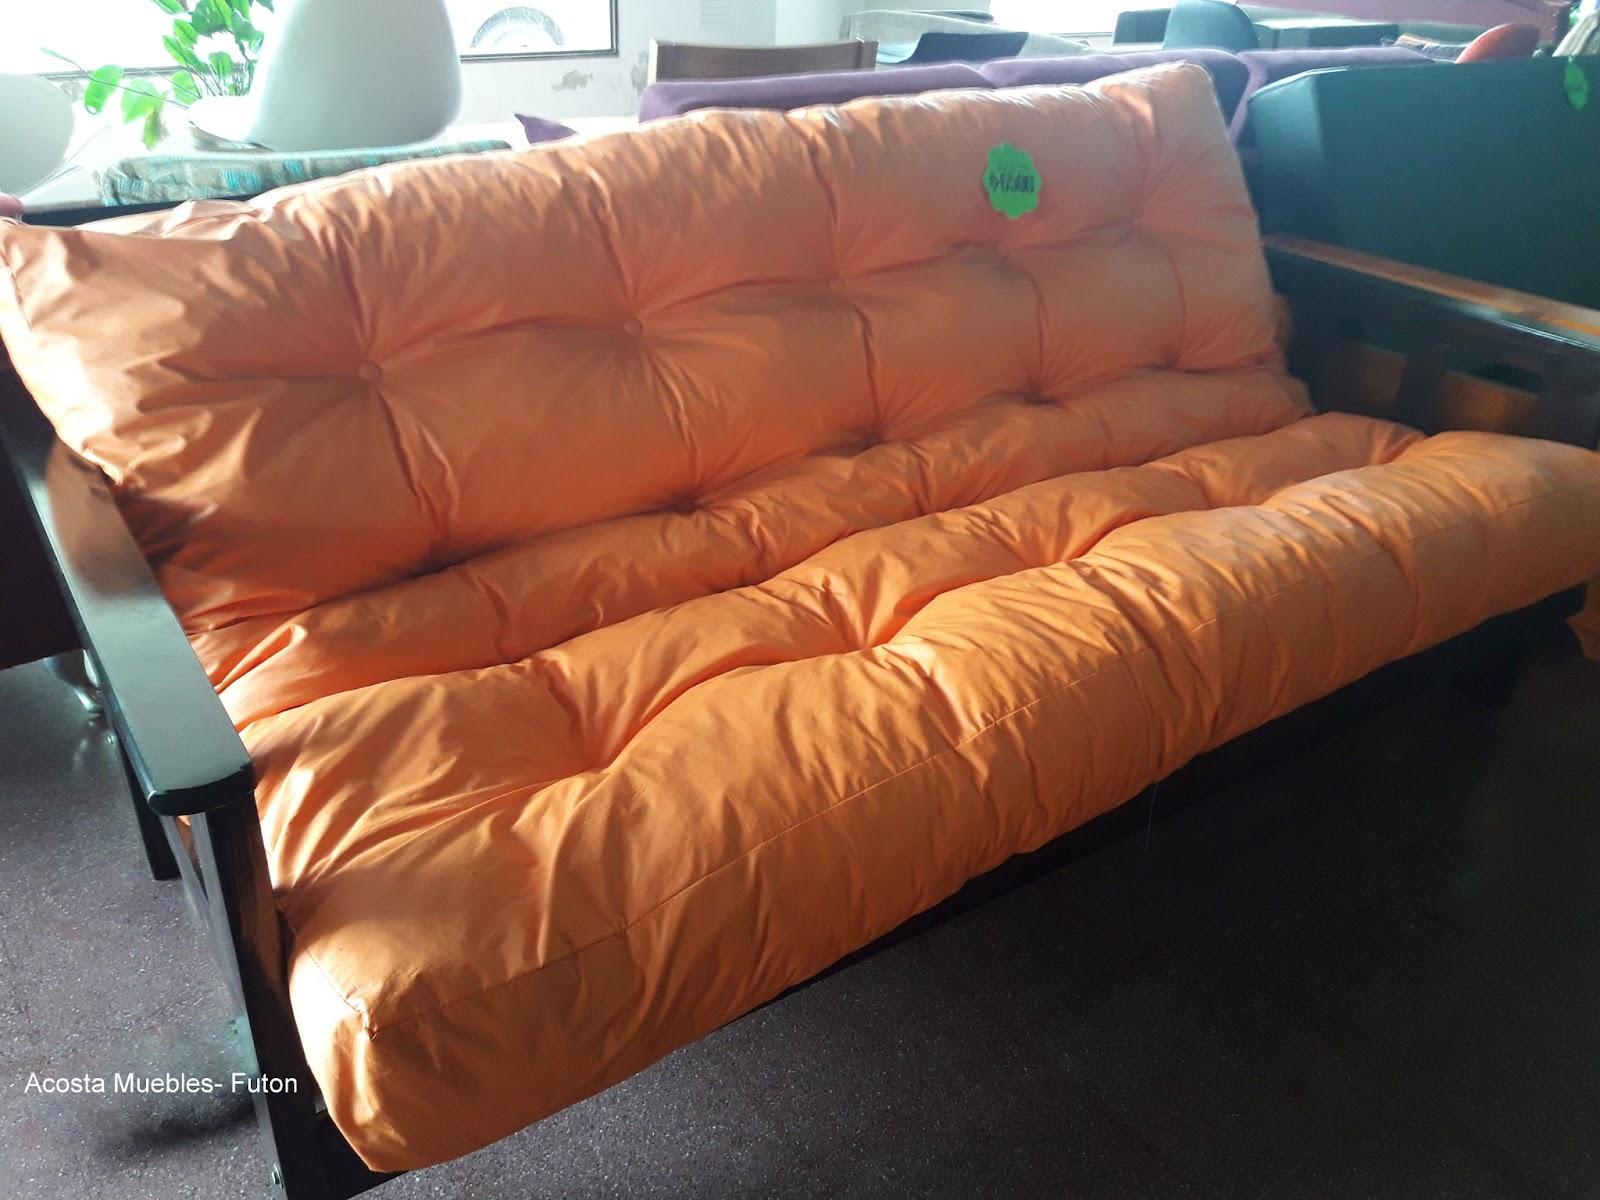 Acosta muebles y electr nica fut n o sill n cama el for Sillon futon cama